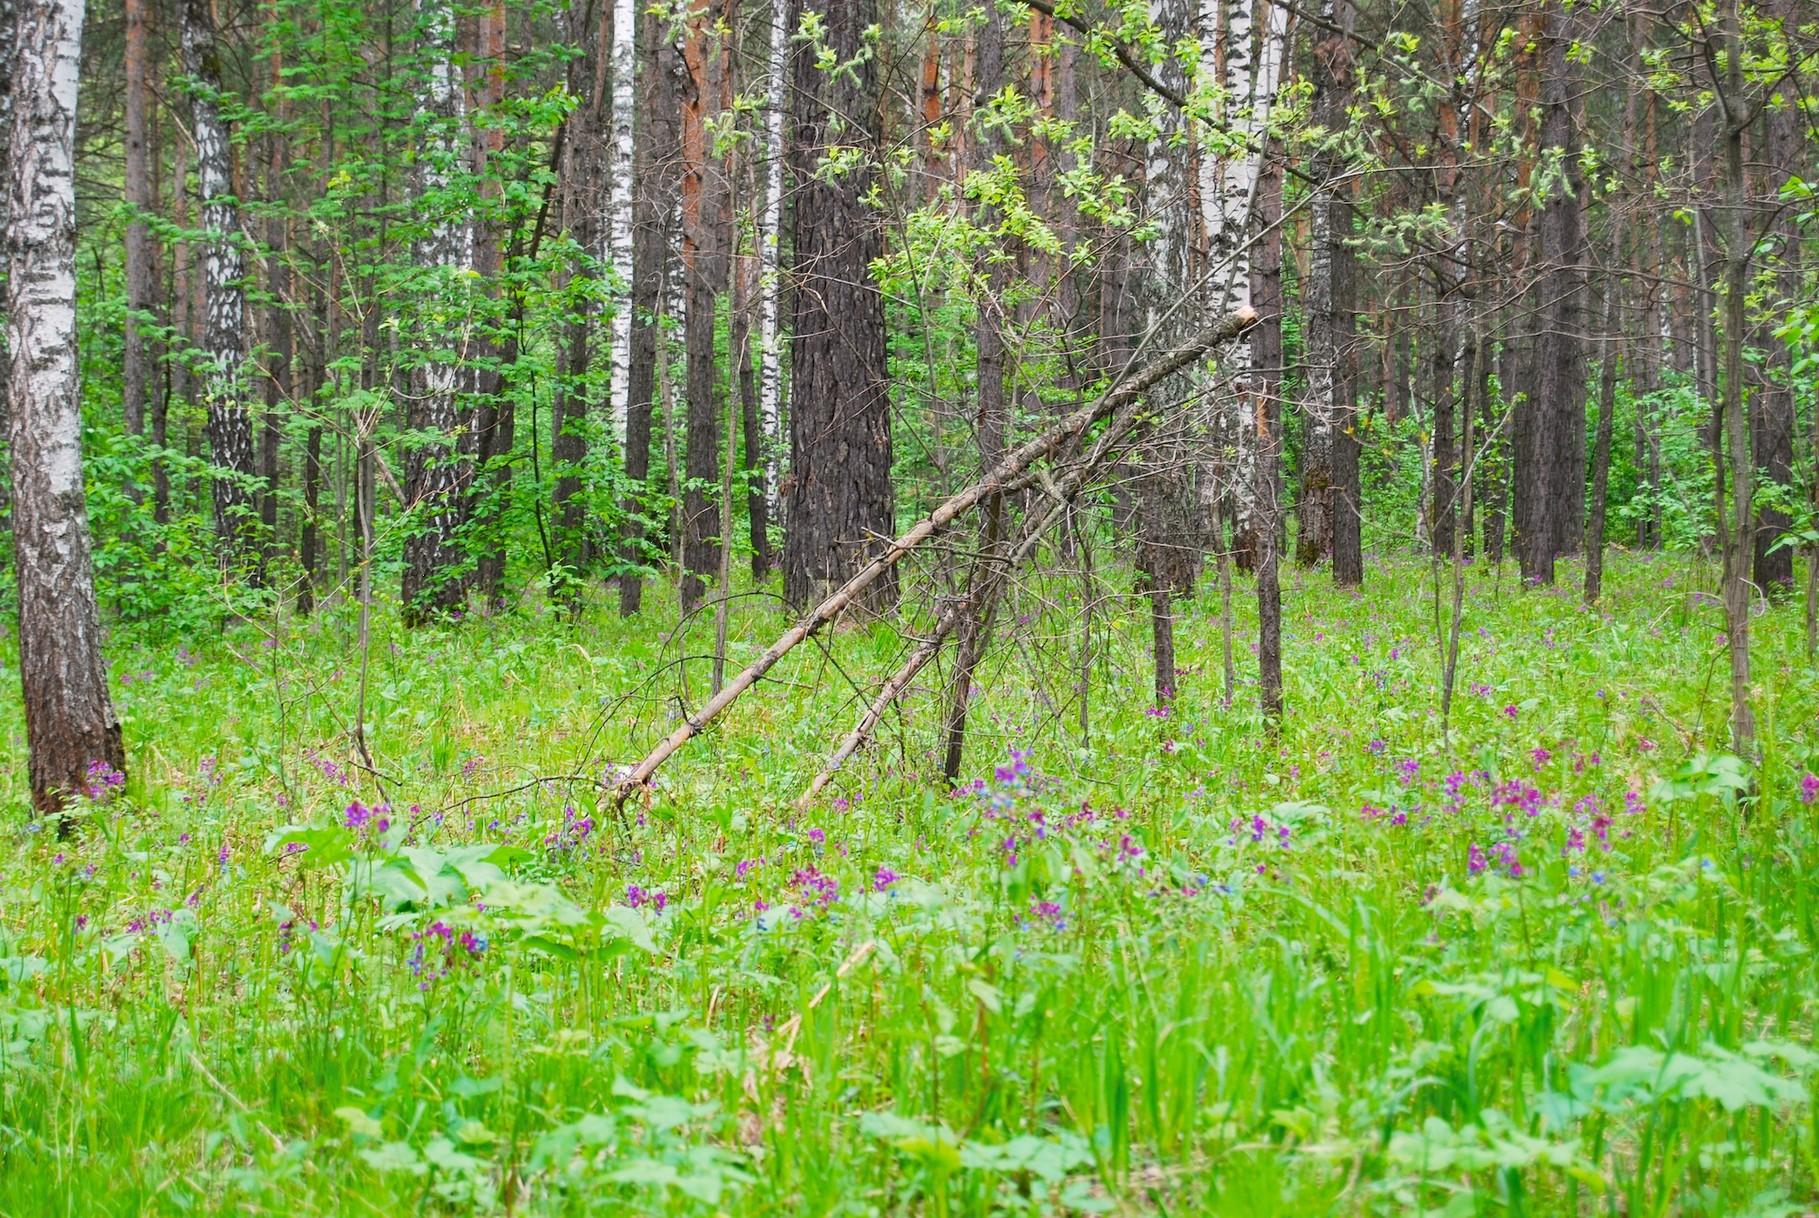 Birkenwald im botanischen Garten